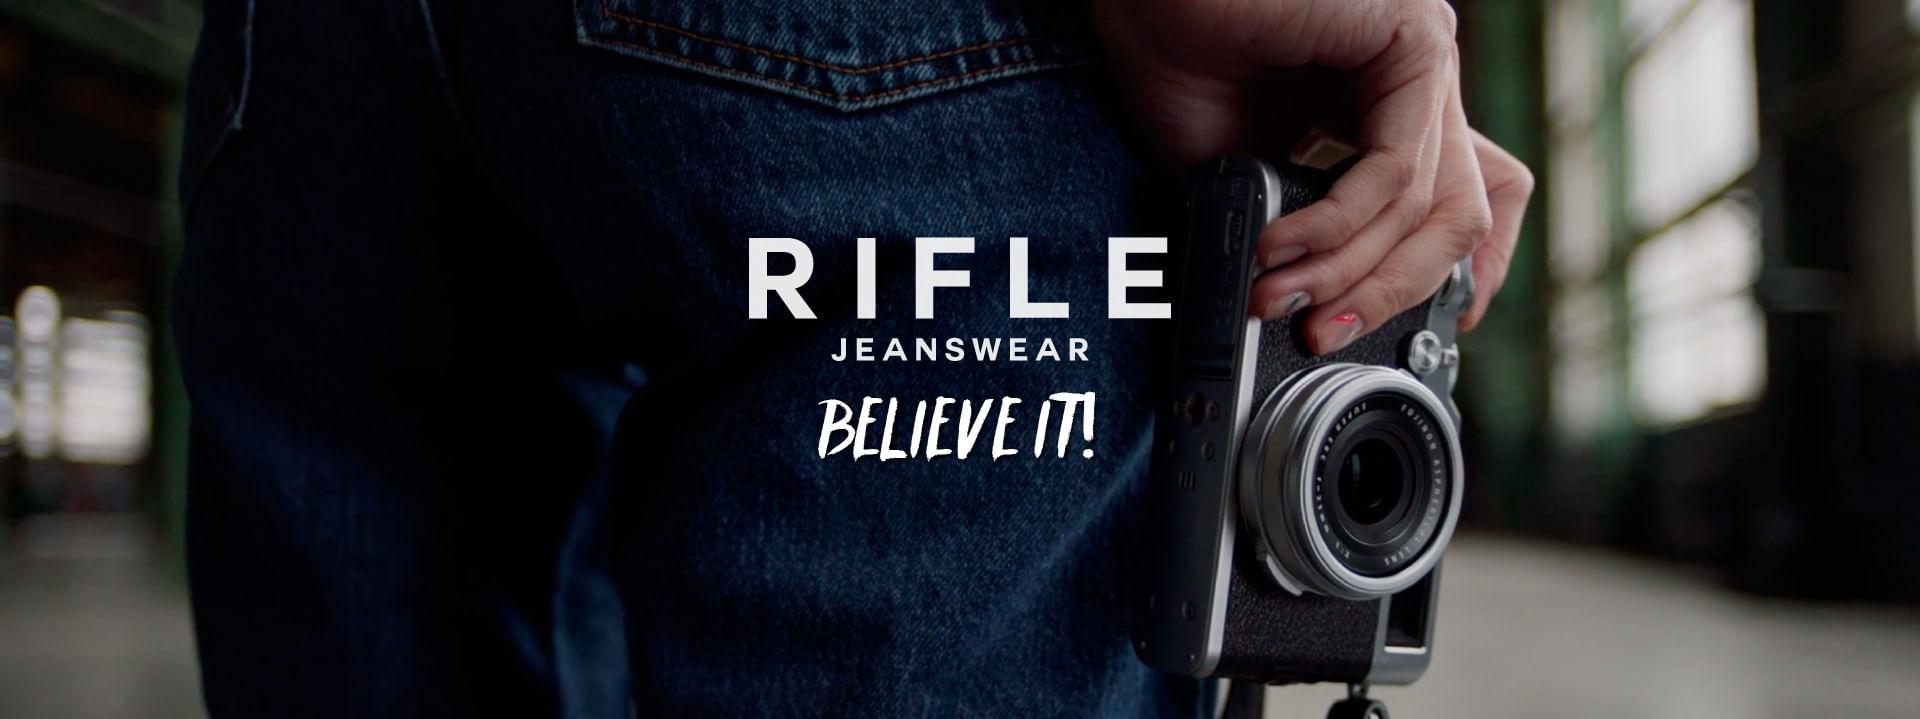 Rifle JeansWear - Believe it